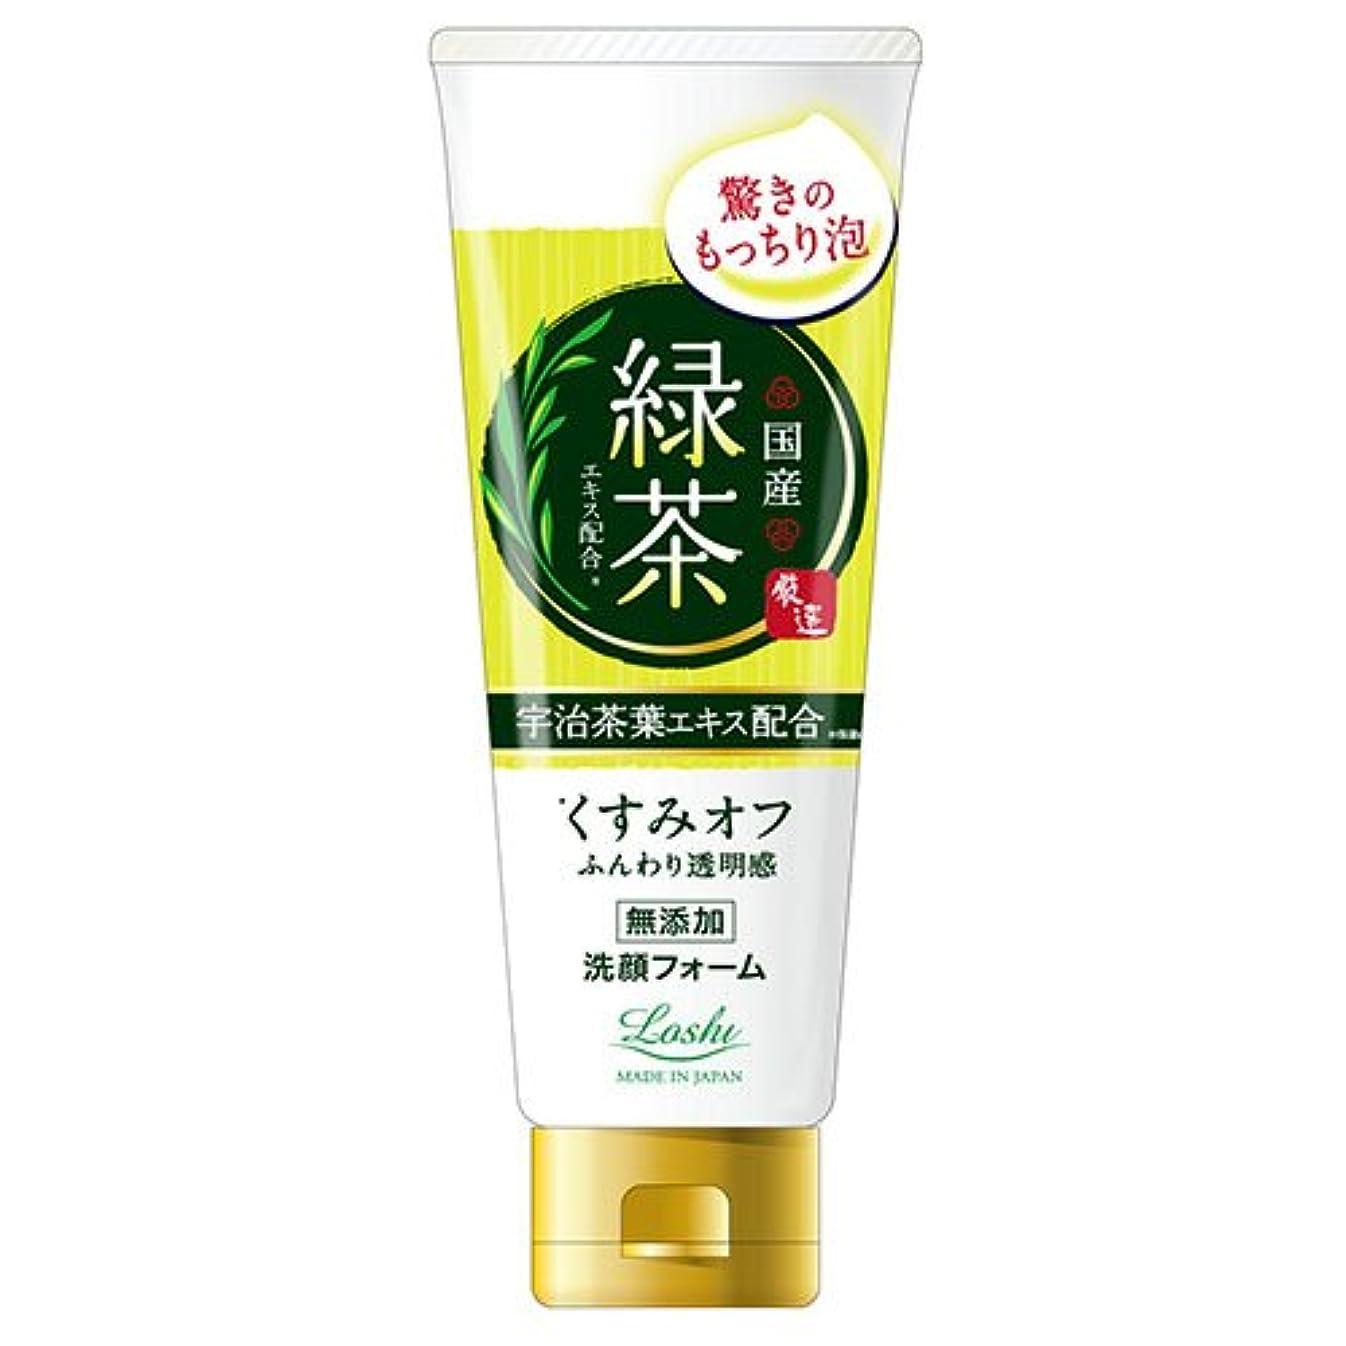 テンション論文膿瘍ロッシモイストエイド 国産 ホイップ洗顔 緑茶 120g